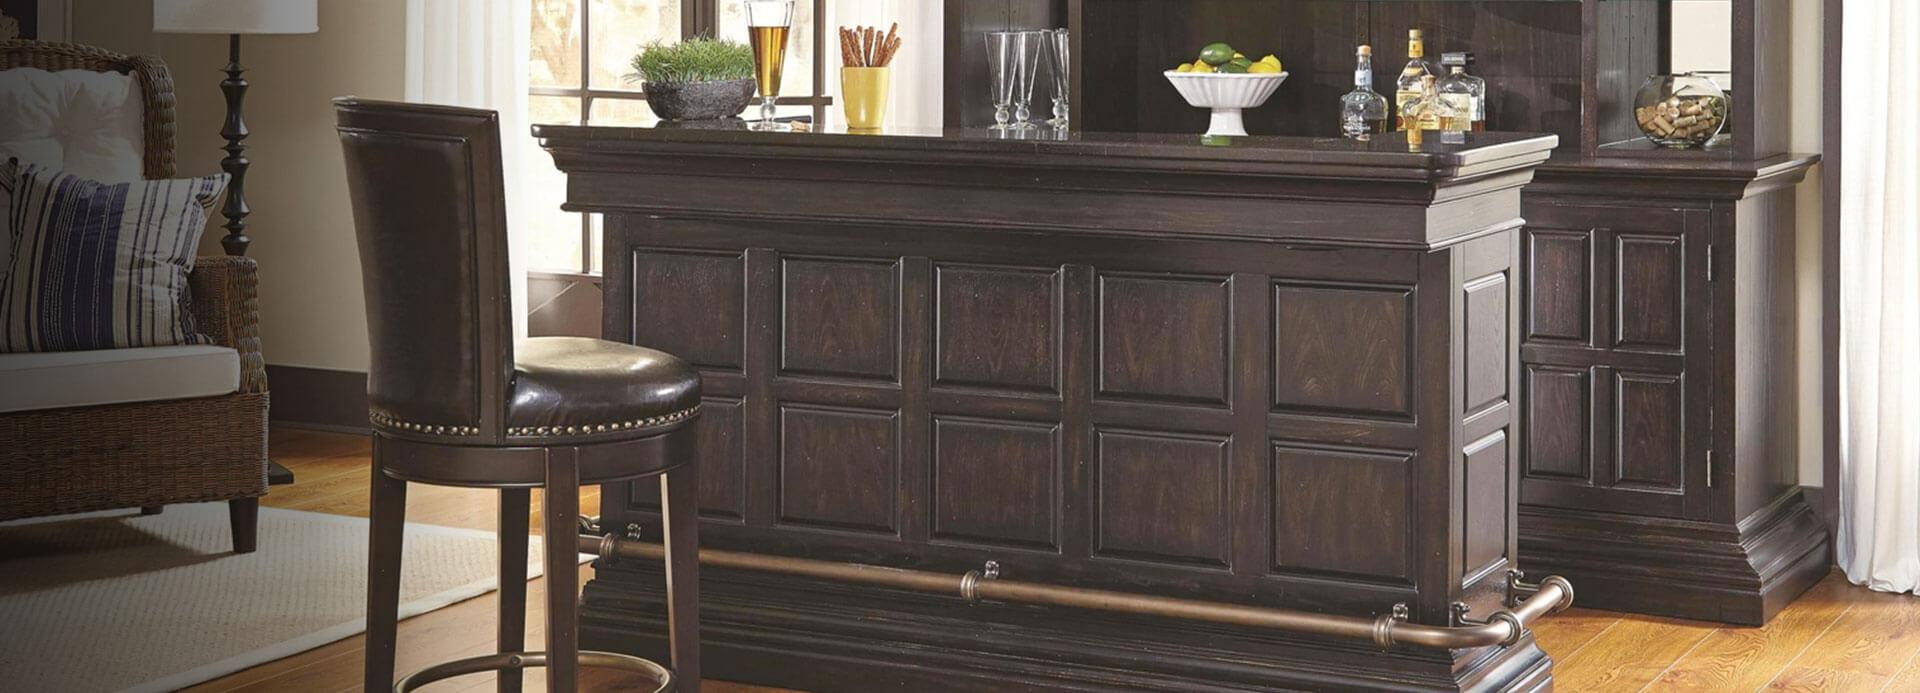 bar furniture savings TYLRUKL